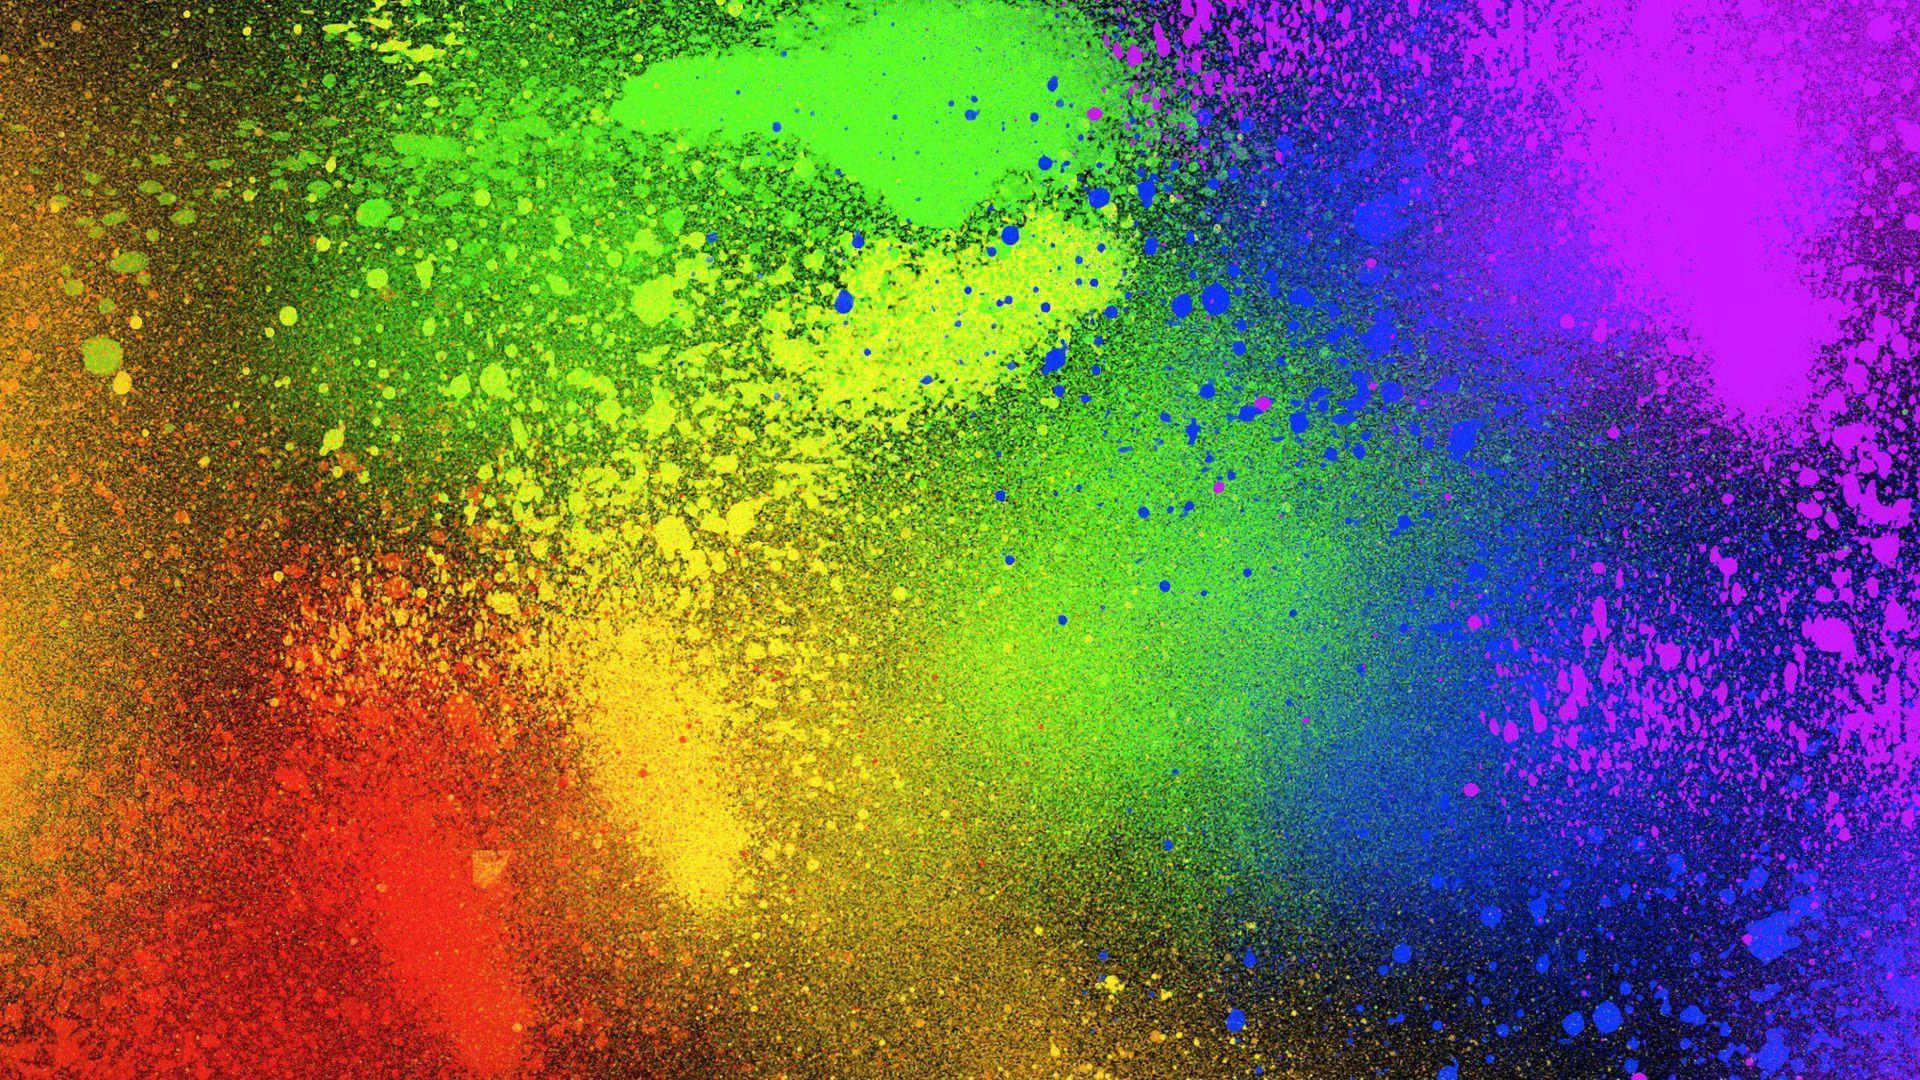 Bright beautiful wallpaper